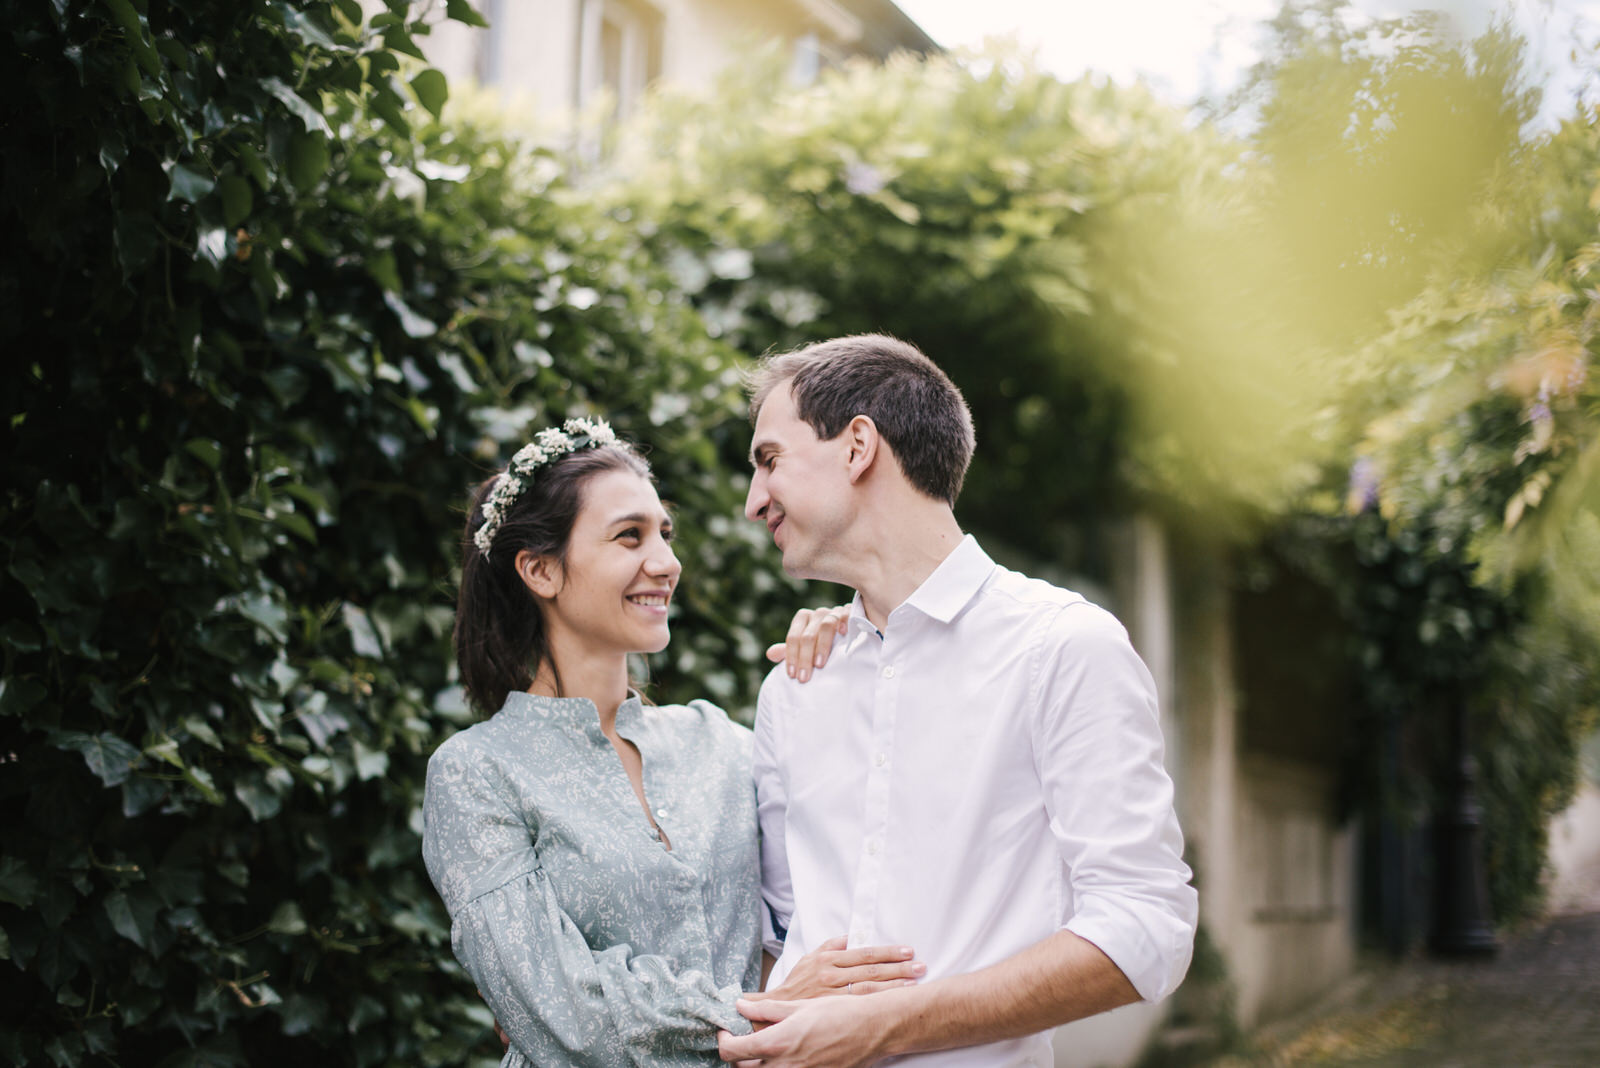 lisebery photographe mariage famille grossesse grenoble isere